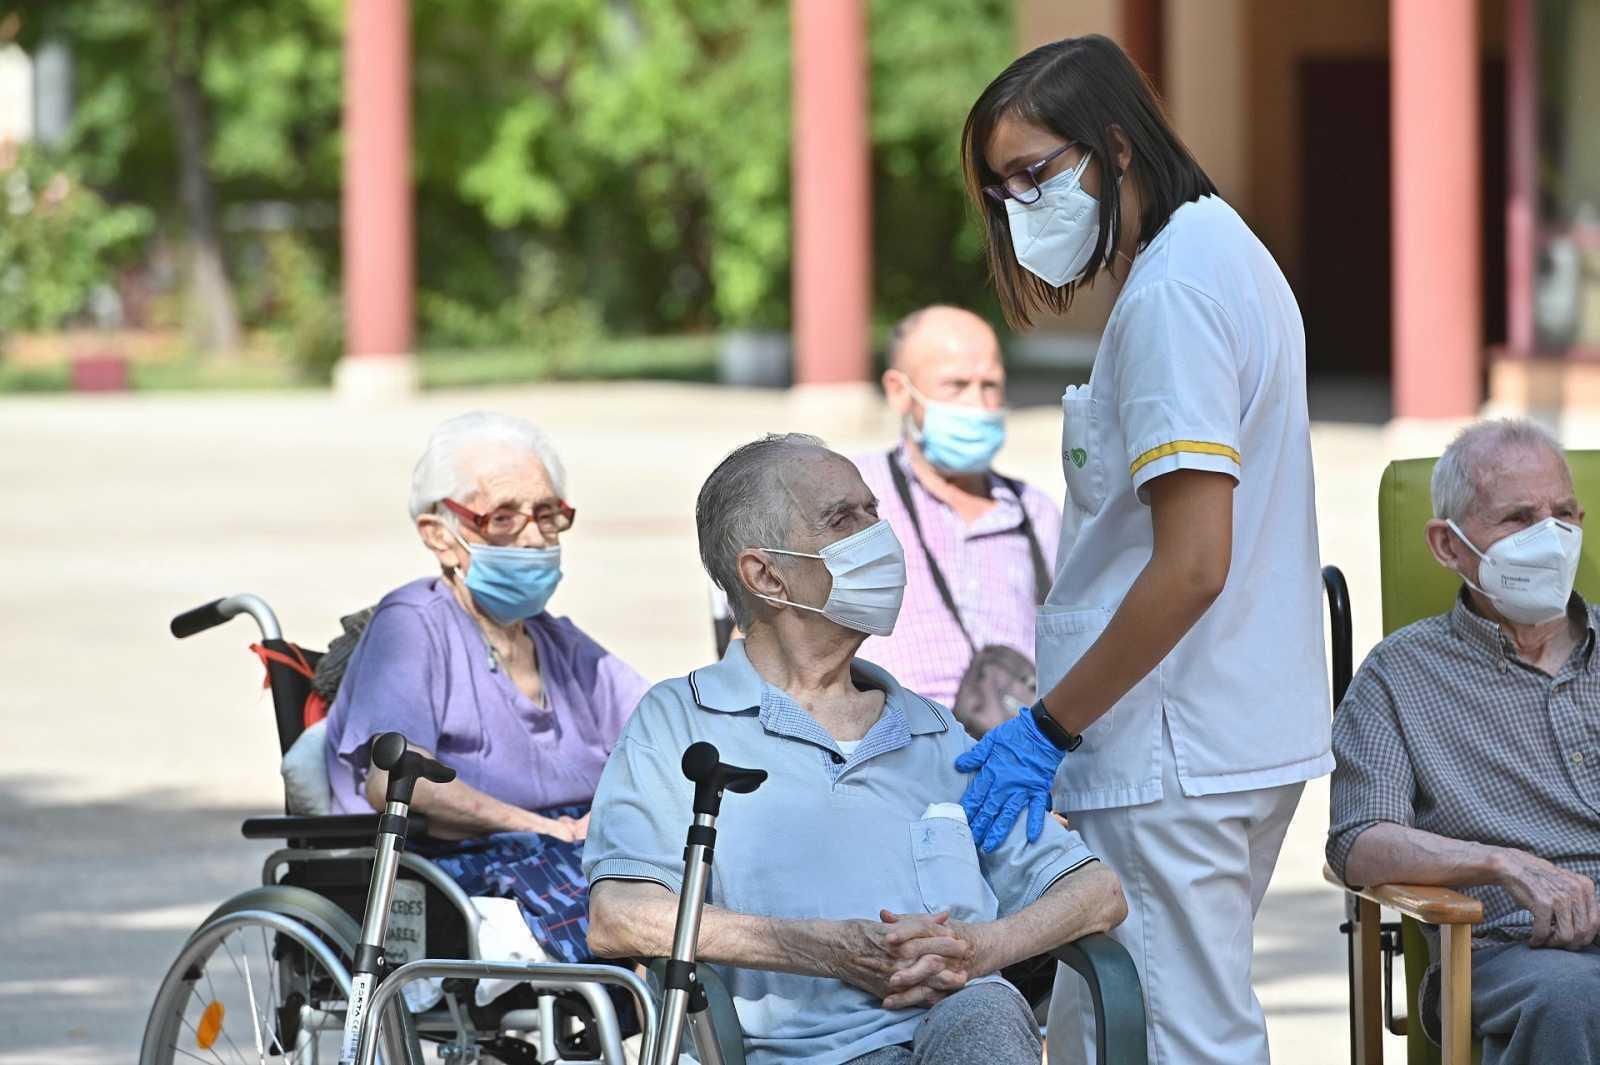 Faltan más de 70.000 plazas residenciales para mayores en España y las ratios no alcanzan el criterio de la OMS